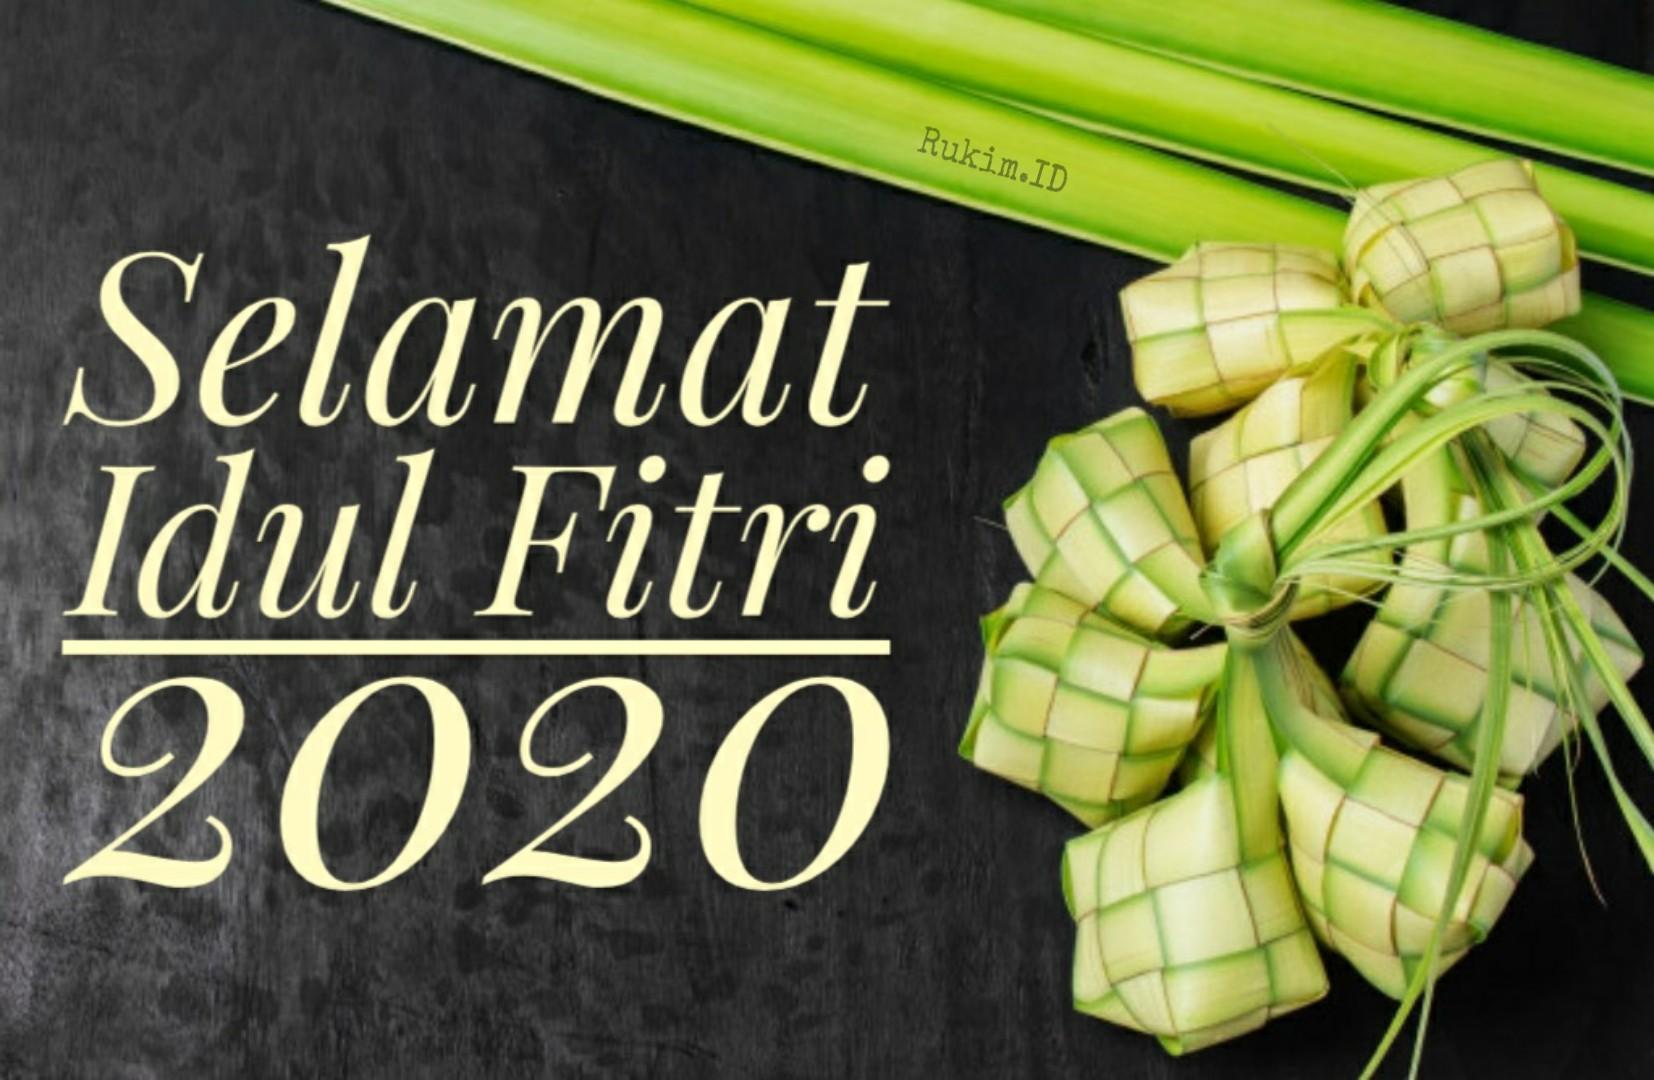 Gambar Ucapan Selamat Hari Raya Idul Fitri 2020